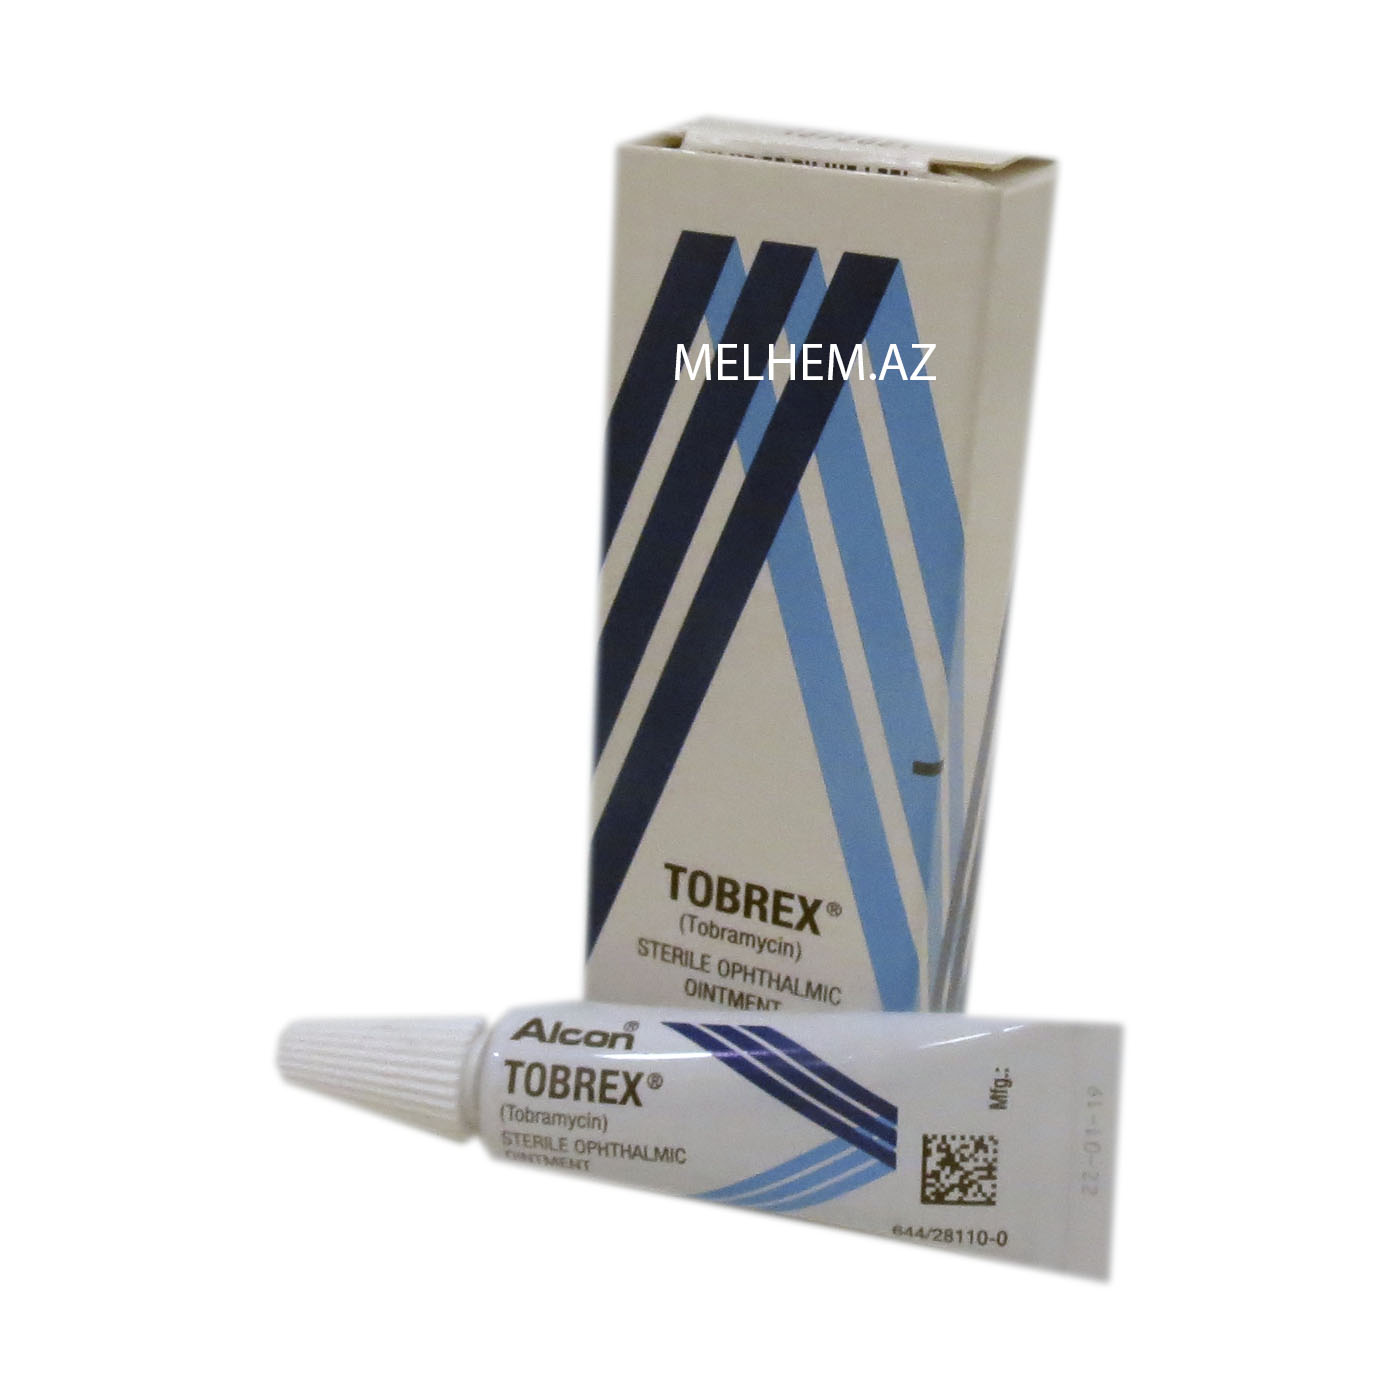 TOBREX MAZ 3.5 QR